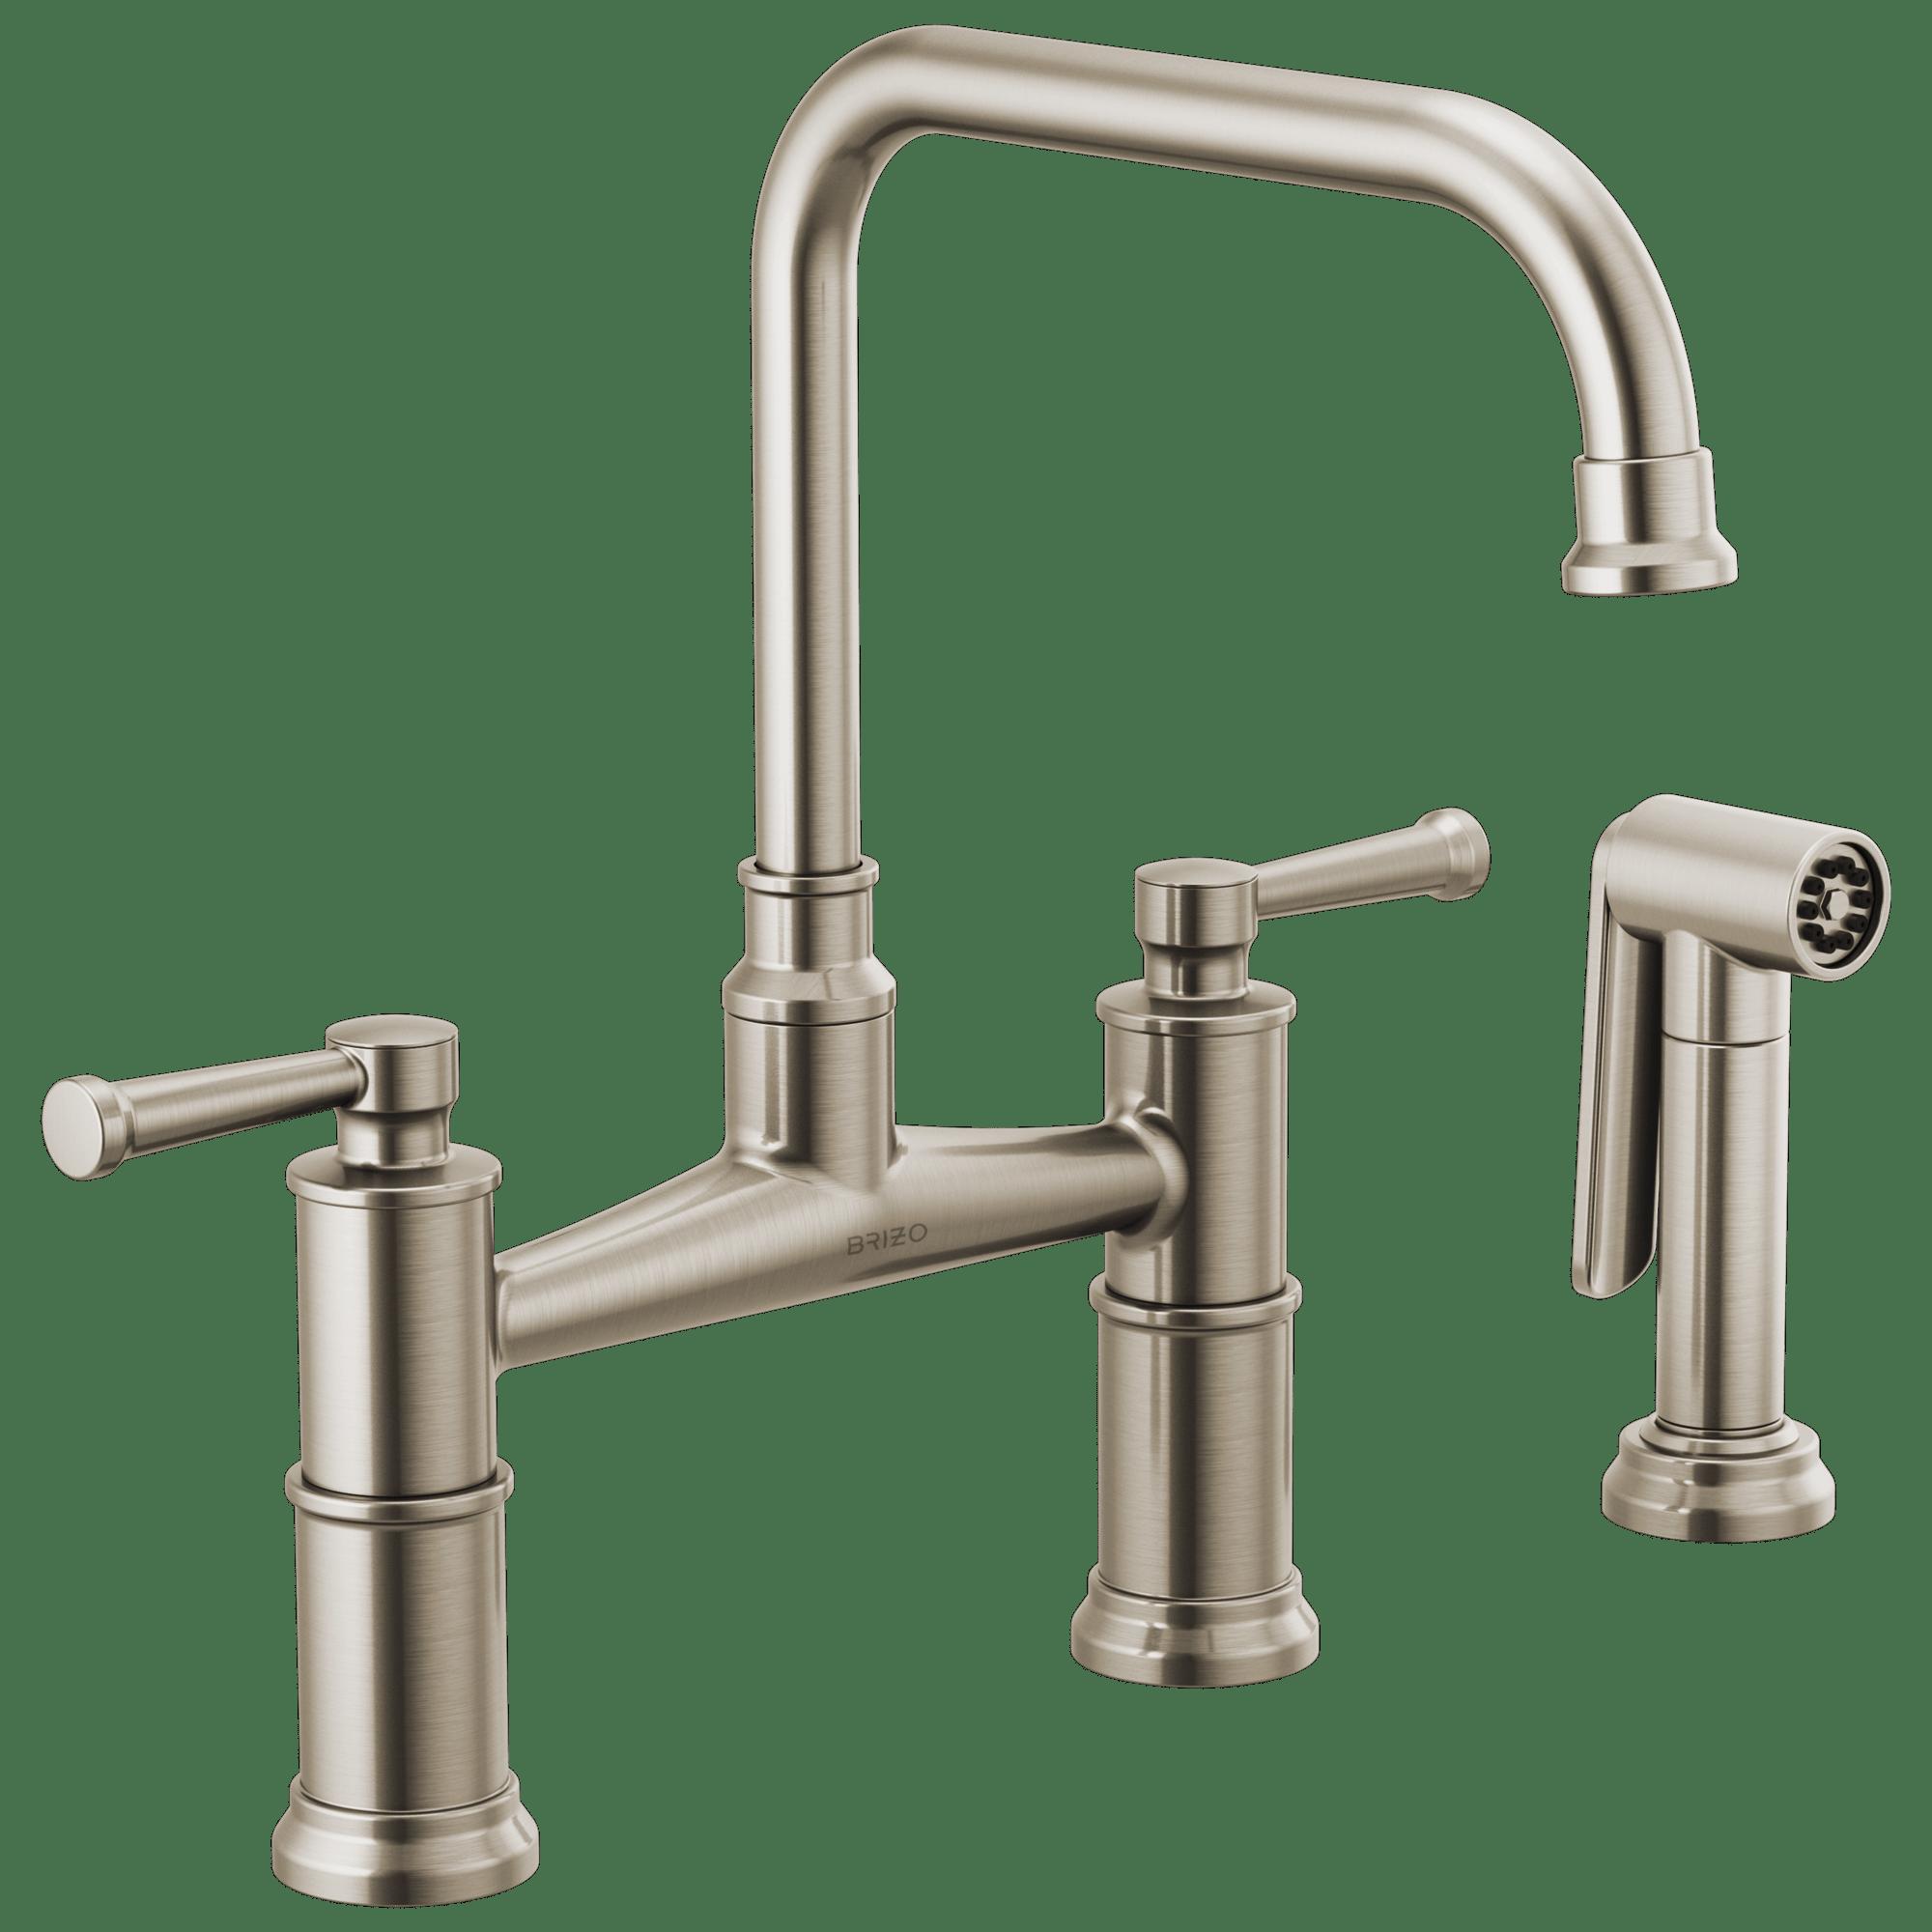 dupont plumbing